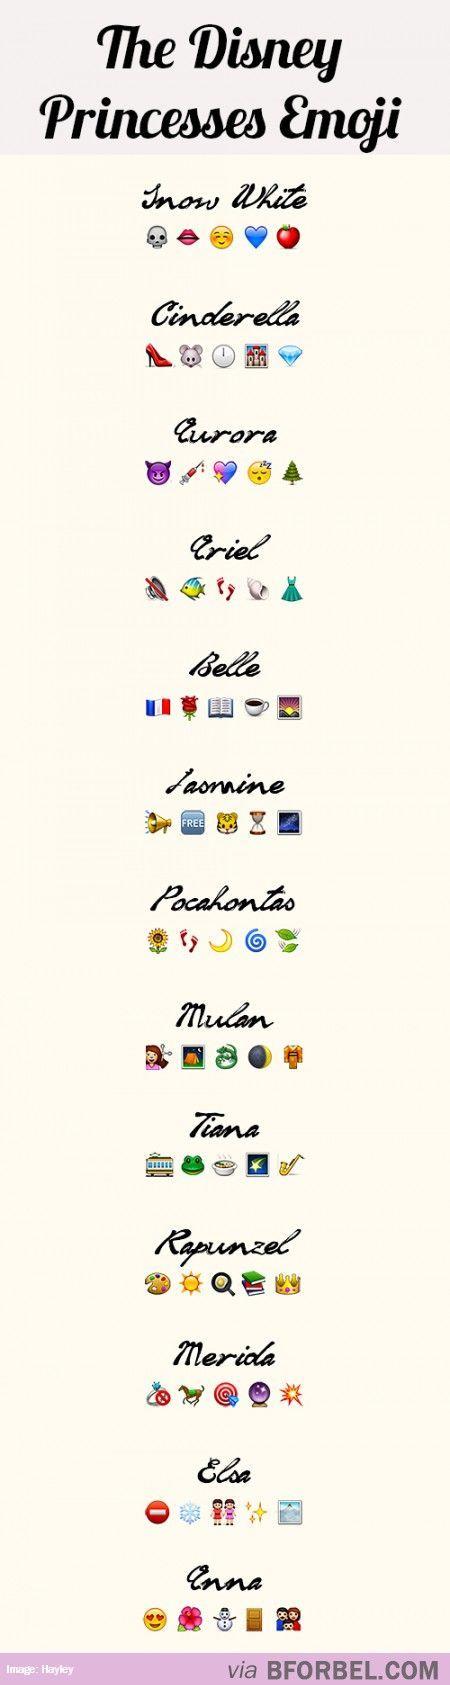 Las historias de las princesas por emojies